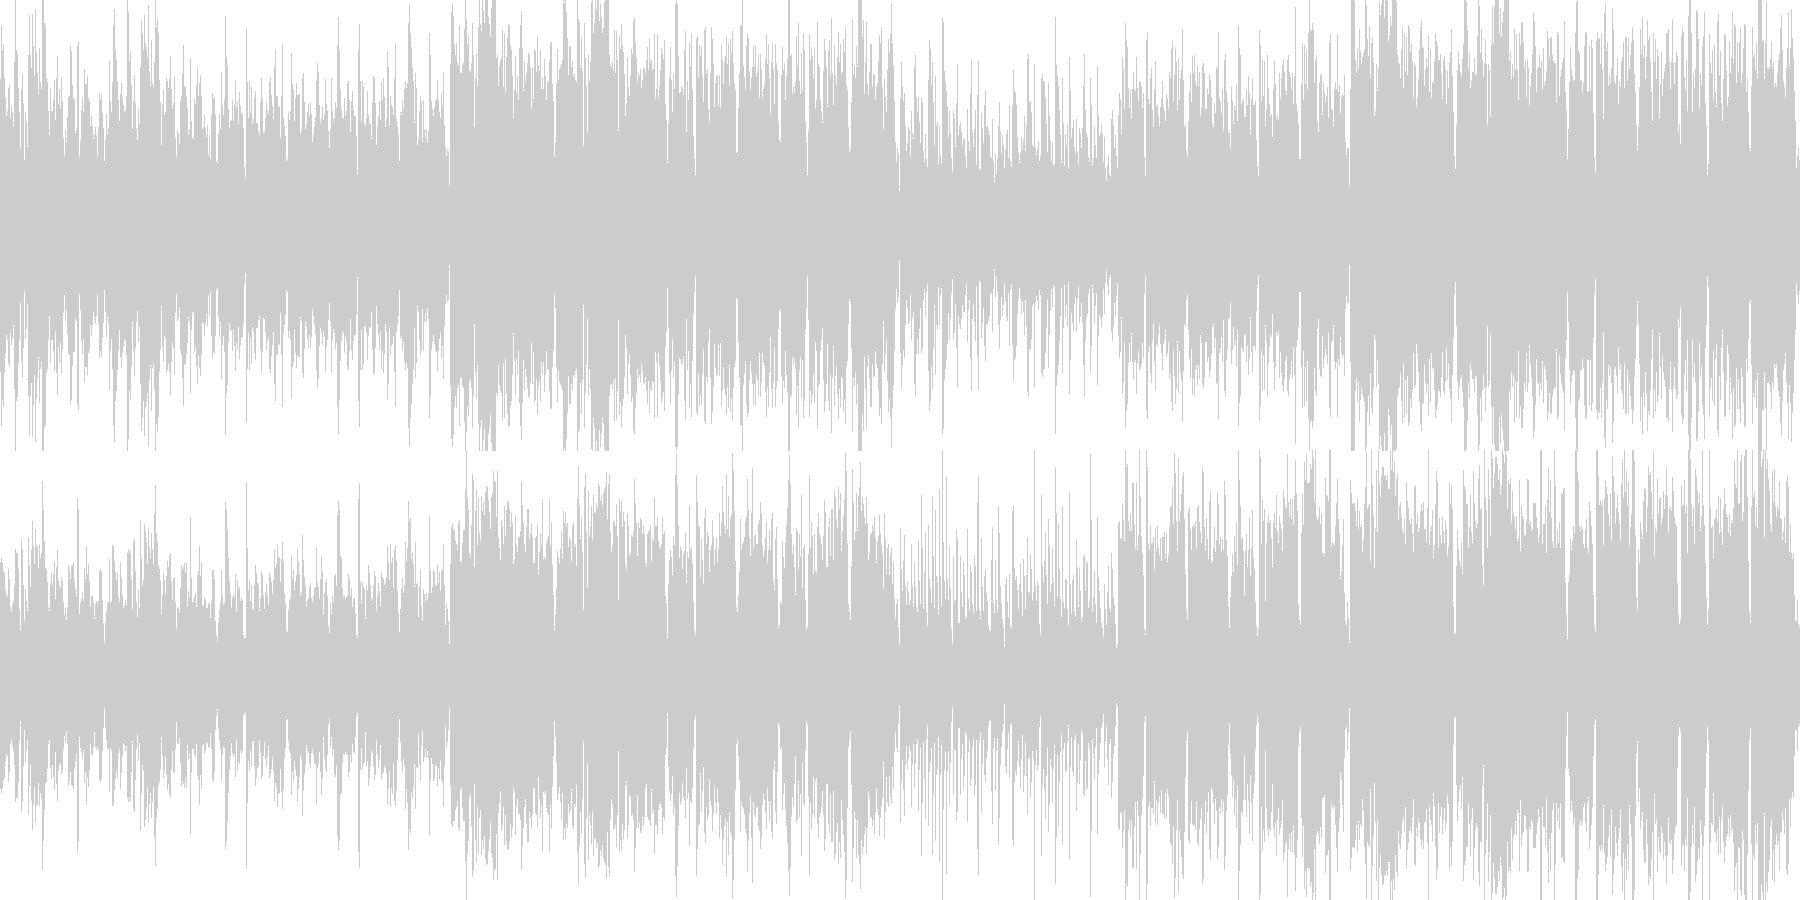 ループ:軽快なアイリッシュ伝統音楽風の未再生の波形